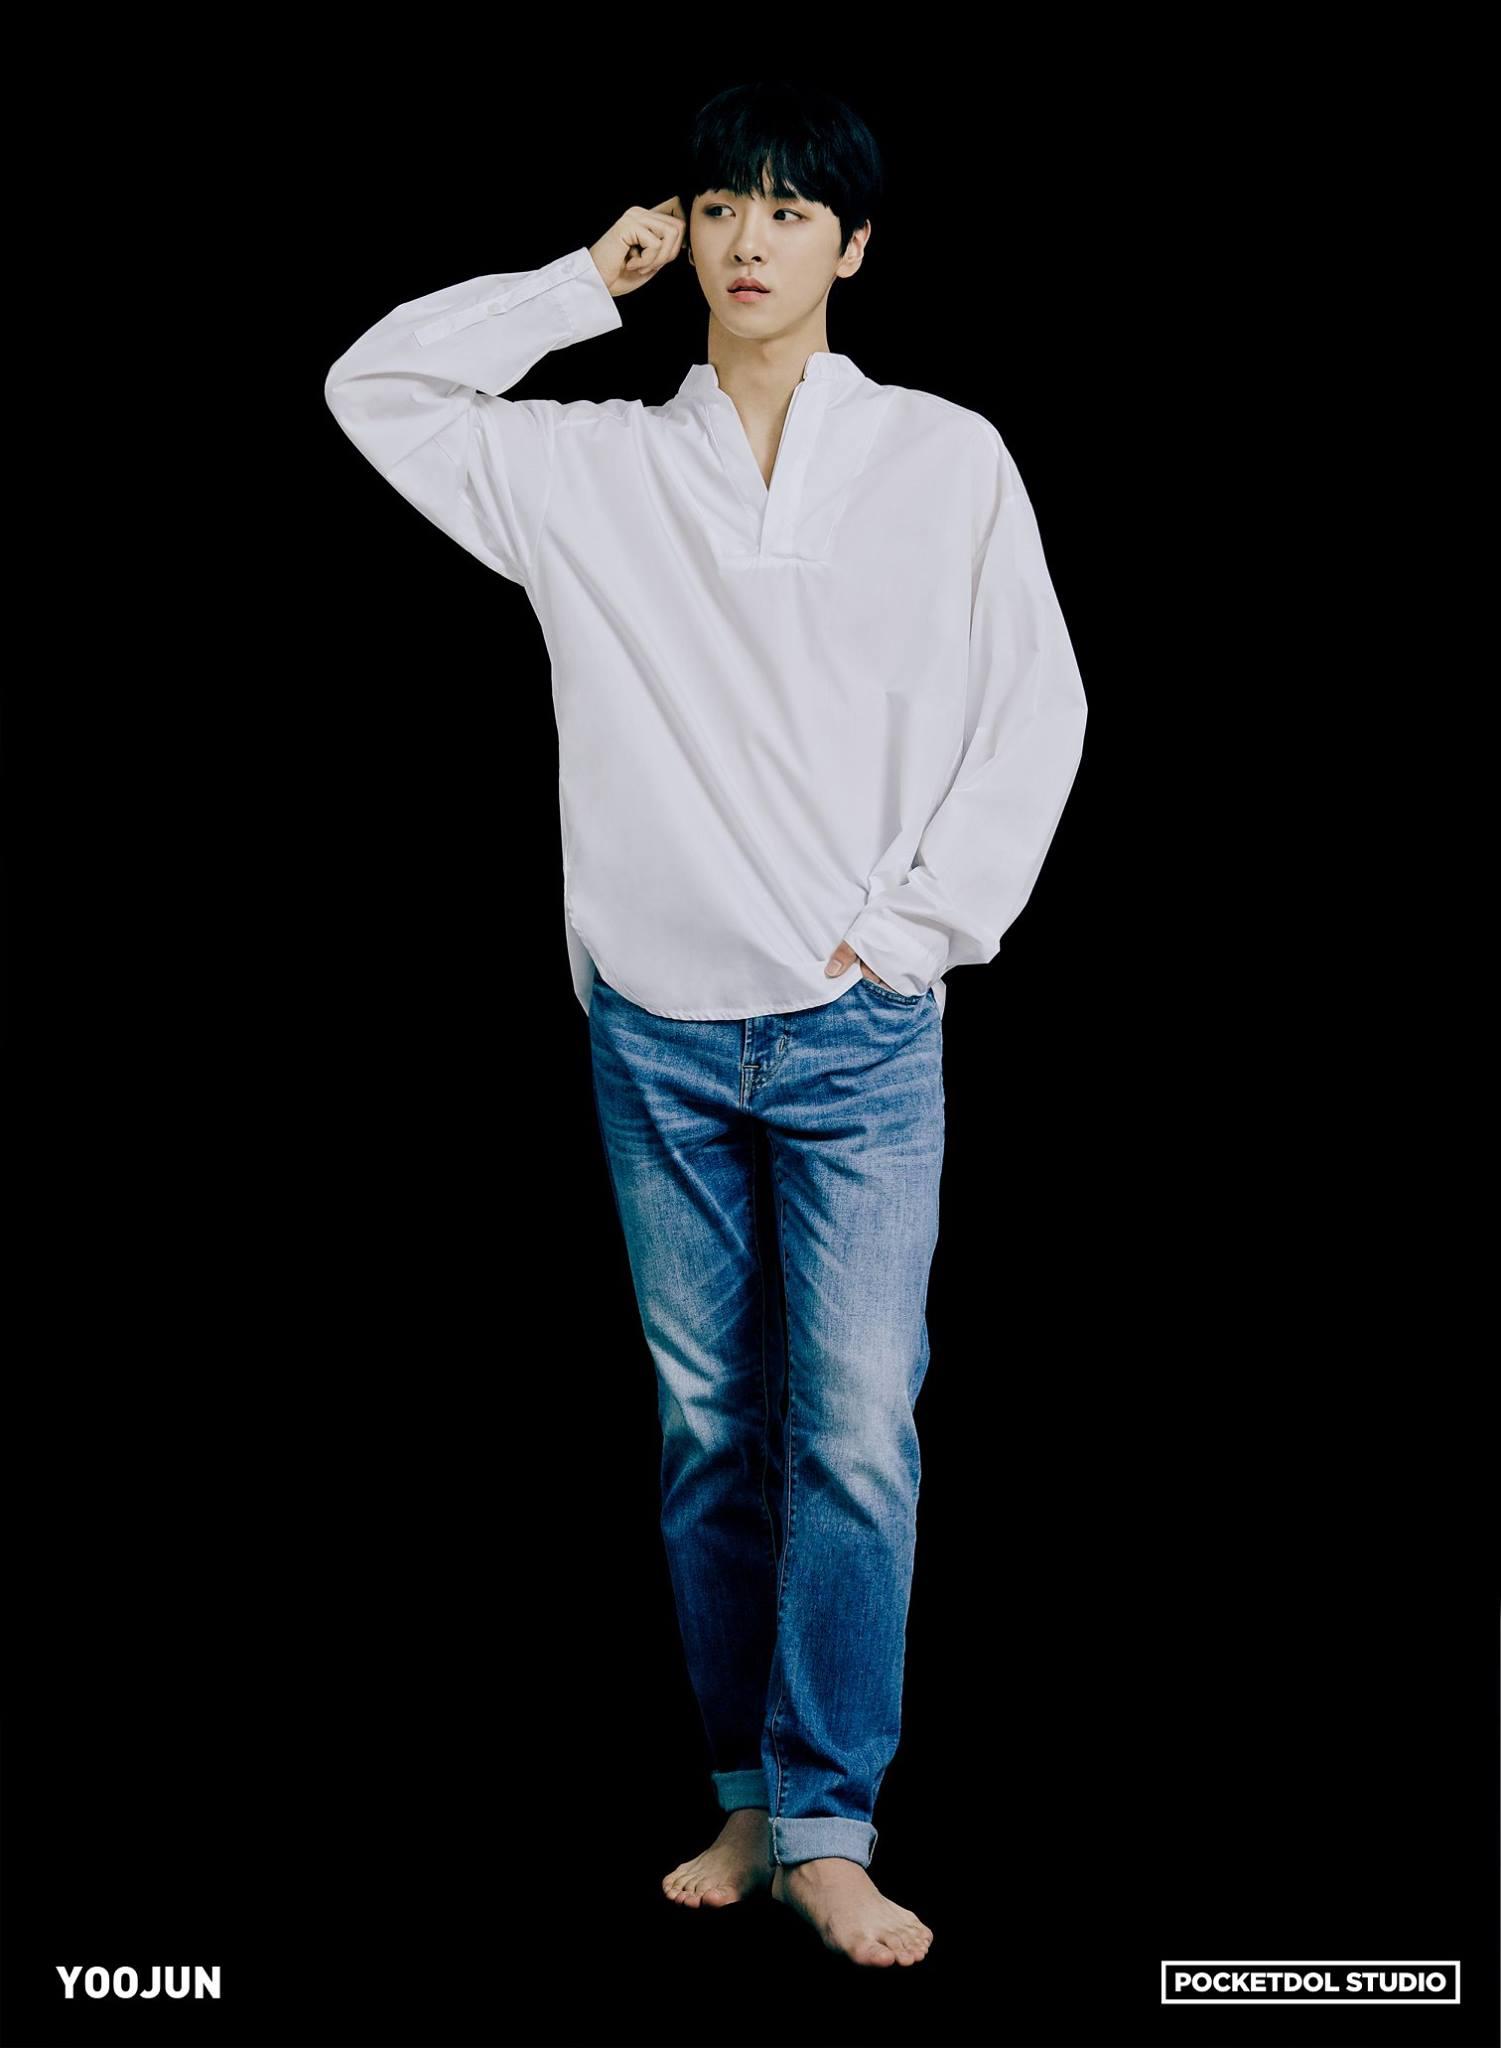 yoojun